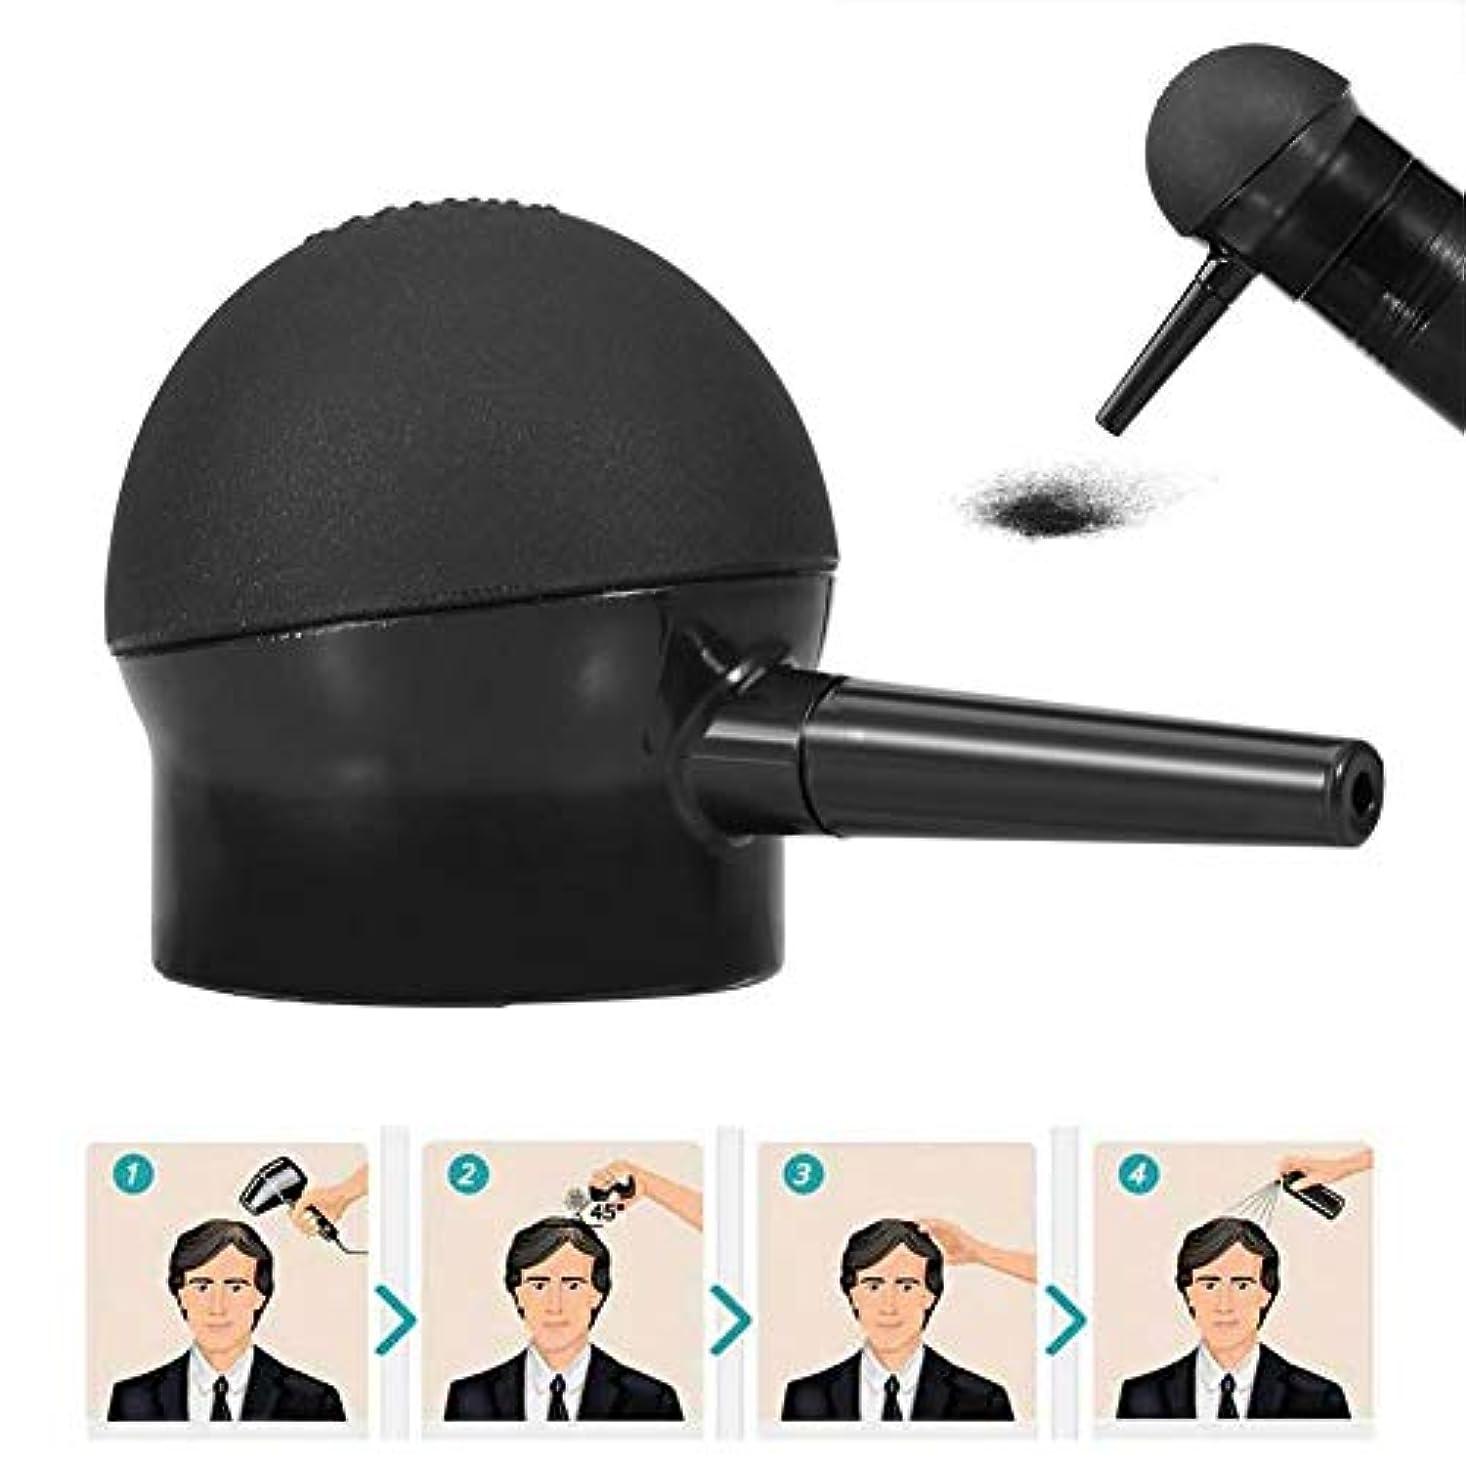 商標家禽ホームヘアー 噴霧器、スプレー、アプリケーションヘア、ビルディング、ファイバー用ノズル、ヘア シックニング ツール